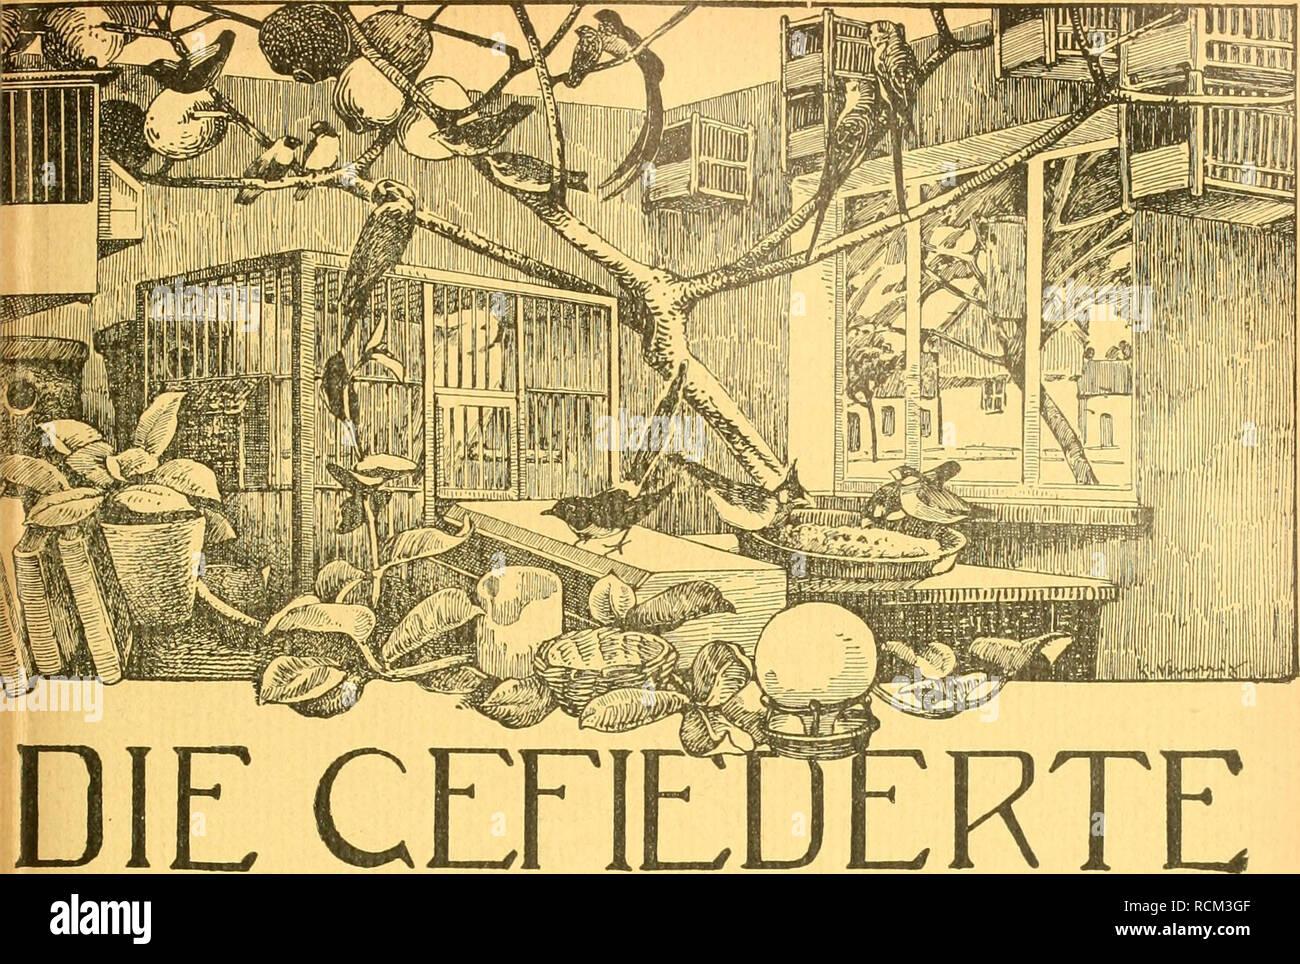 . Die Gefiederte Welt. Birds. left 36. 9, September IQ15. Jahrgang XLIV.. WELT V0CHEN5CHRIFT FÜR —VOGELLIEBHABER.— Begründet von Dr. Karl RuB. Herausgegeben von Karl Neunzig in Hermsdorf bei Berlin. INHALT: Dompfaffenzüchtung. Von Friedrich Busse. Allerlei eigene Beobachtungen und kritische Literaturstudien über allerhand heimische Waldvögel. Von Max Rendle. (Fortsetzung.) Allerlei über Vogelkrankheiten und:sonstiges. Von W. Hiltmann, Berlin. Mischling Siiberschnabeix Elsterchen. Von E. B. in B. Von meinem Rotkehlchen. Von stud. med. Oelschlägel. (Schluß.) Kleine Mitteilungen. — Sprechsaal. —  Stock Photo